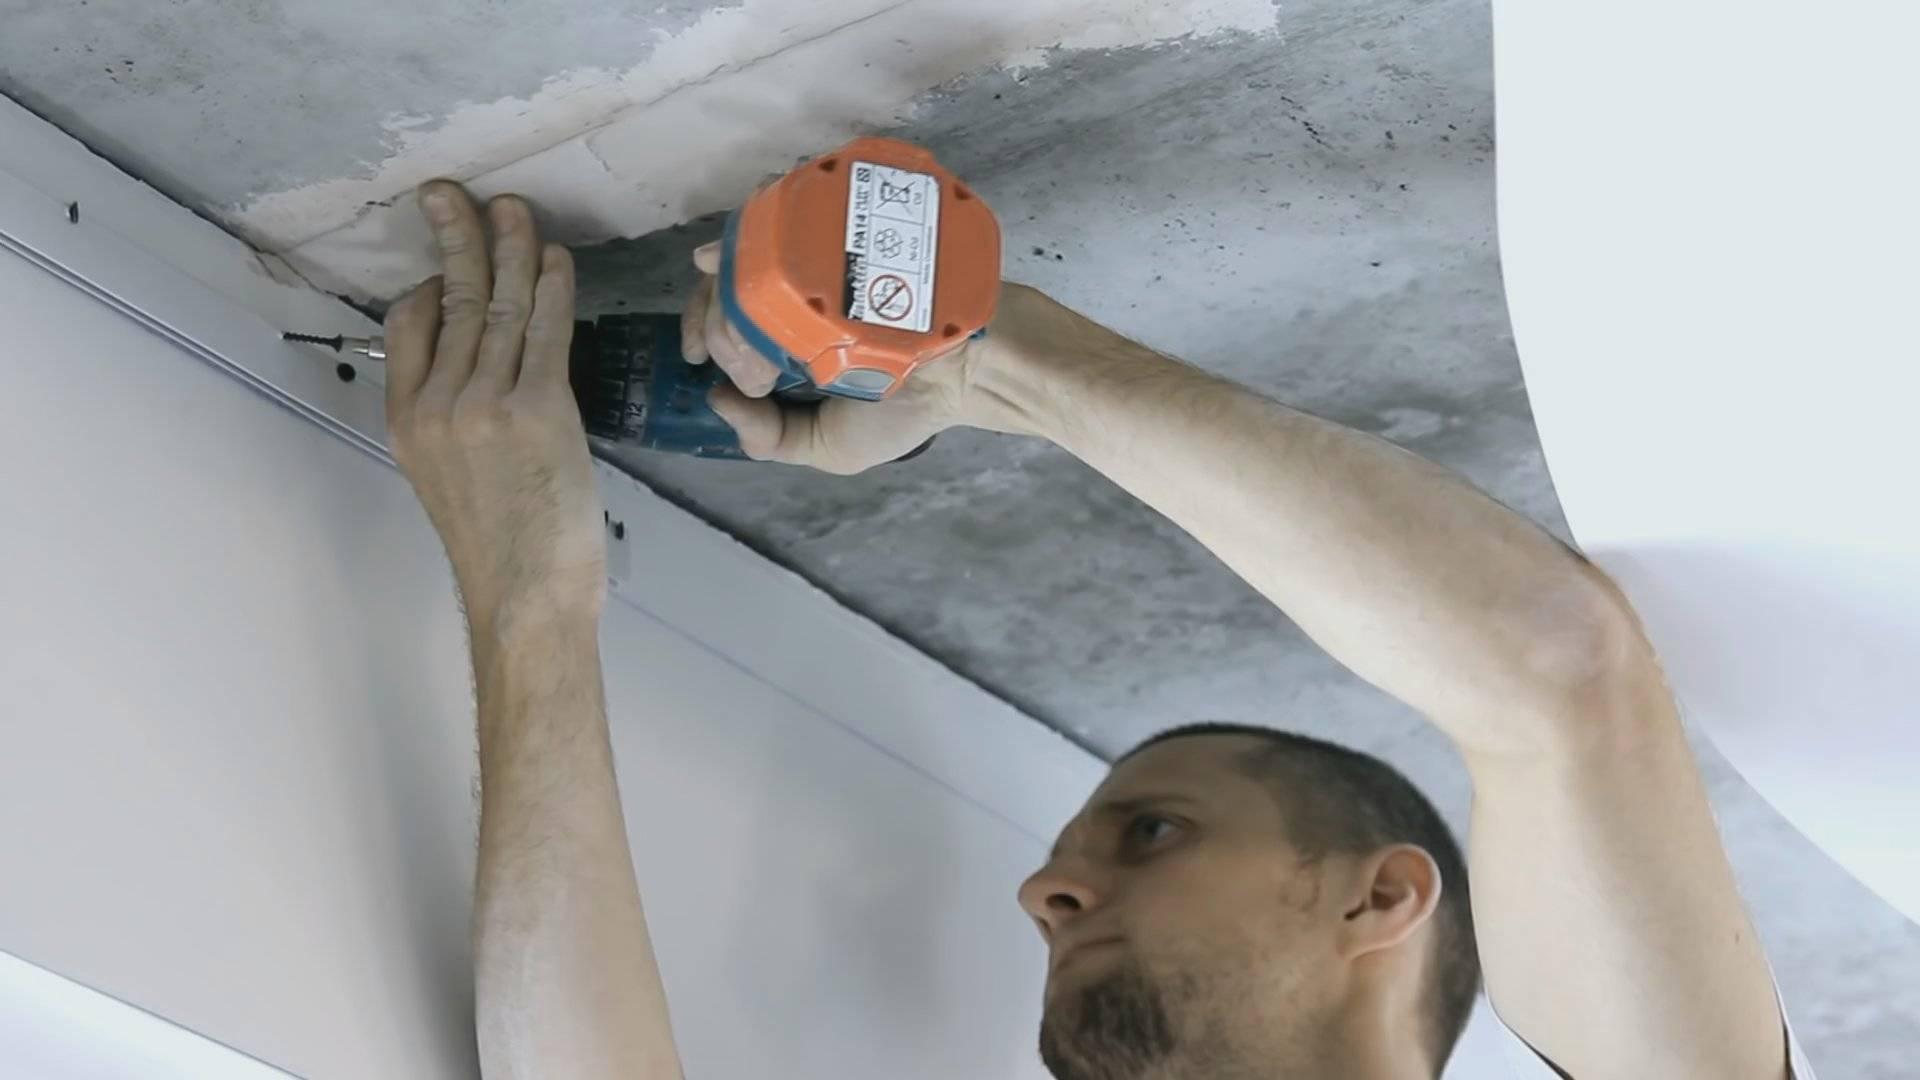 Монтаж натяжных потолков без нагрева. инструкция по установке натяжного потолка без нагреваинформационный строительный сайт |